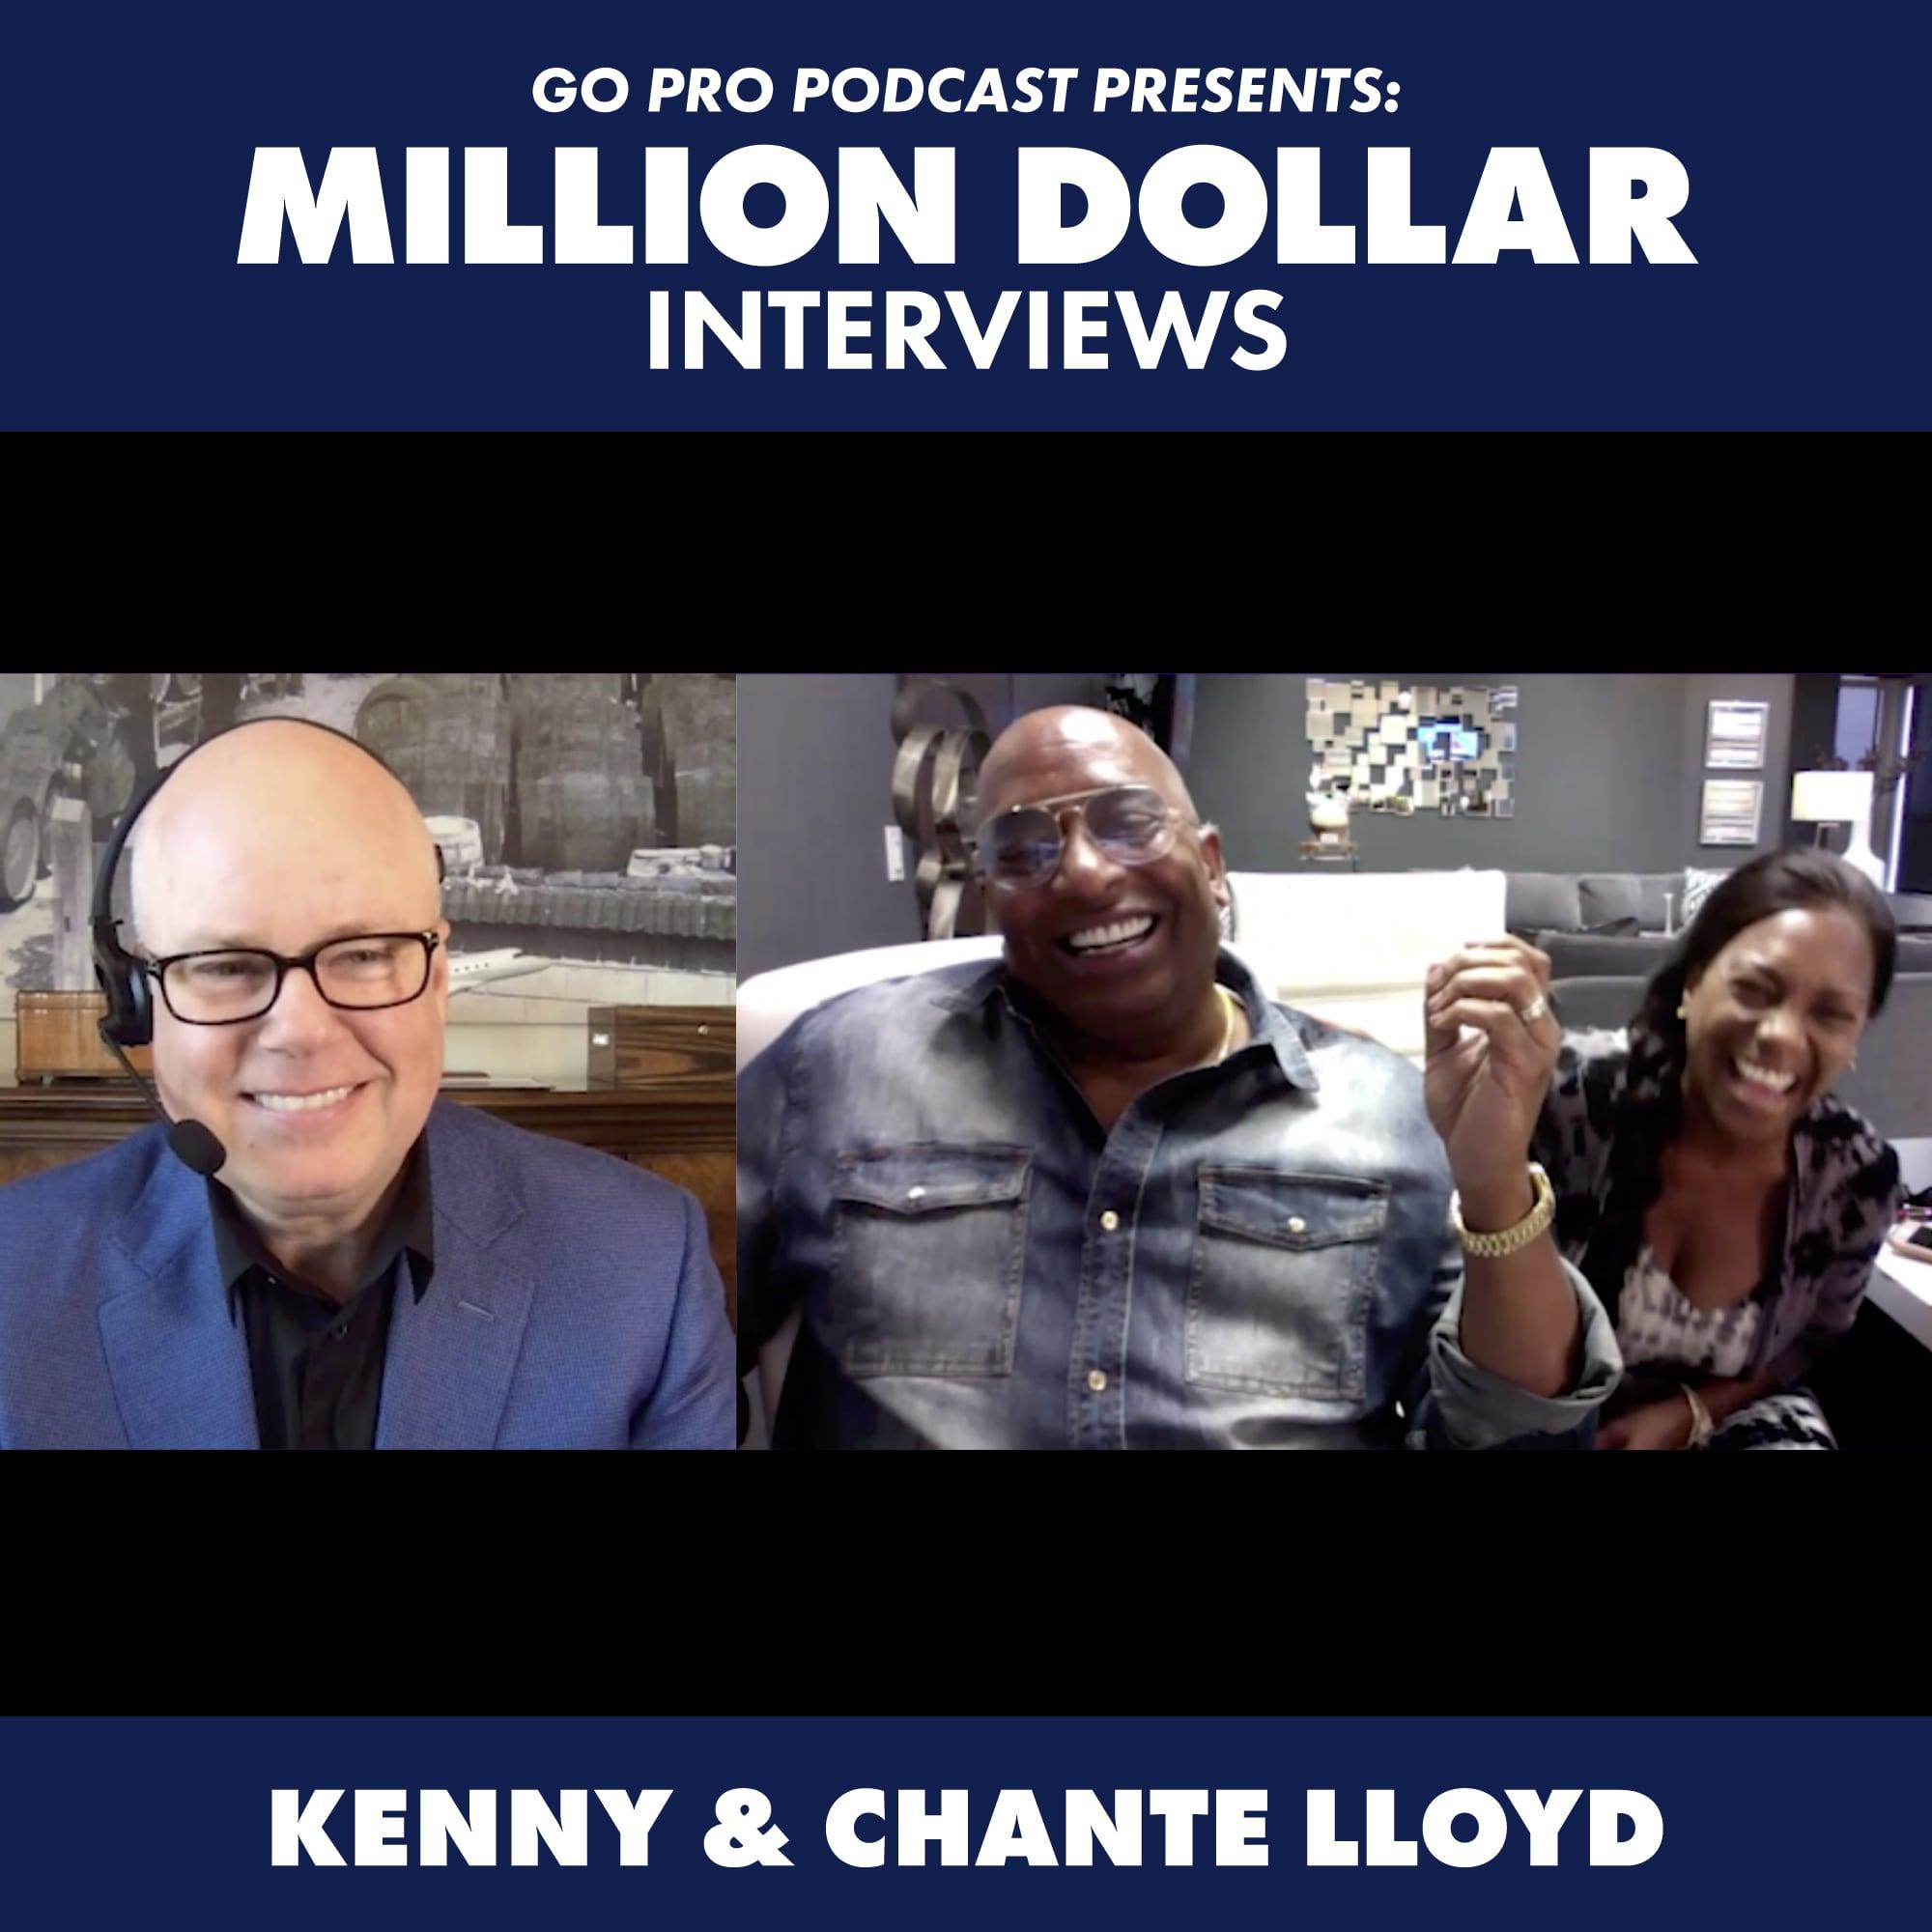 Kenny & Chante Lloyd: Million-Dollar Power Couple